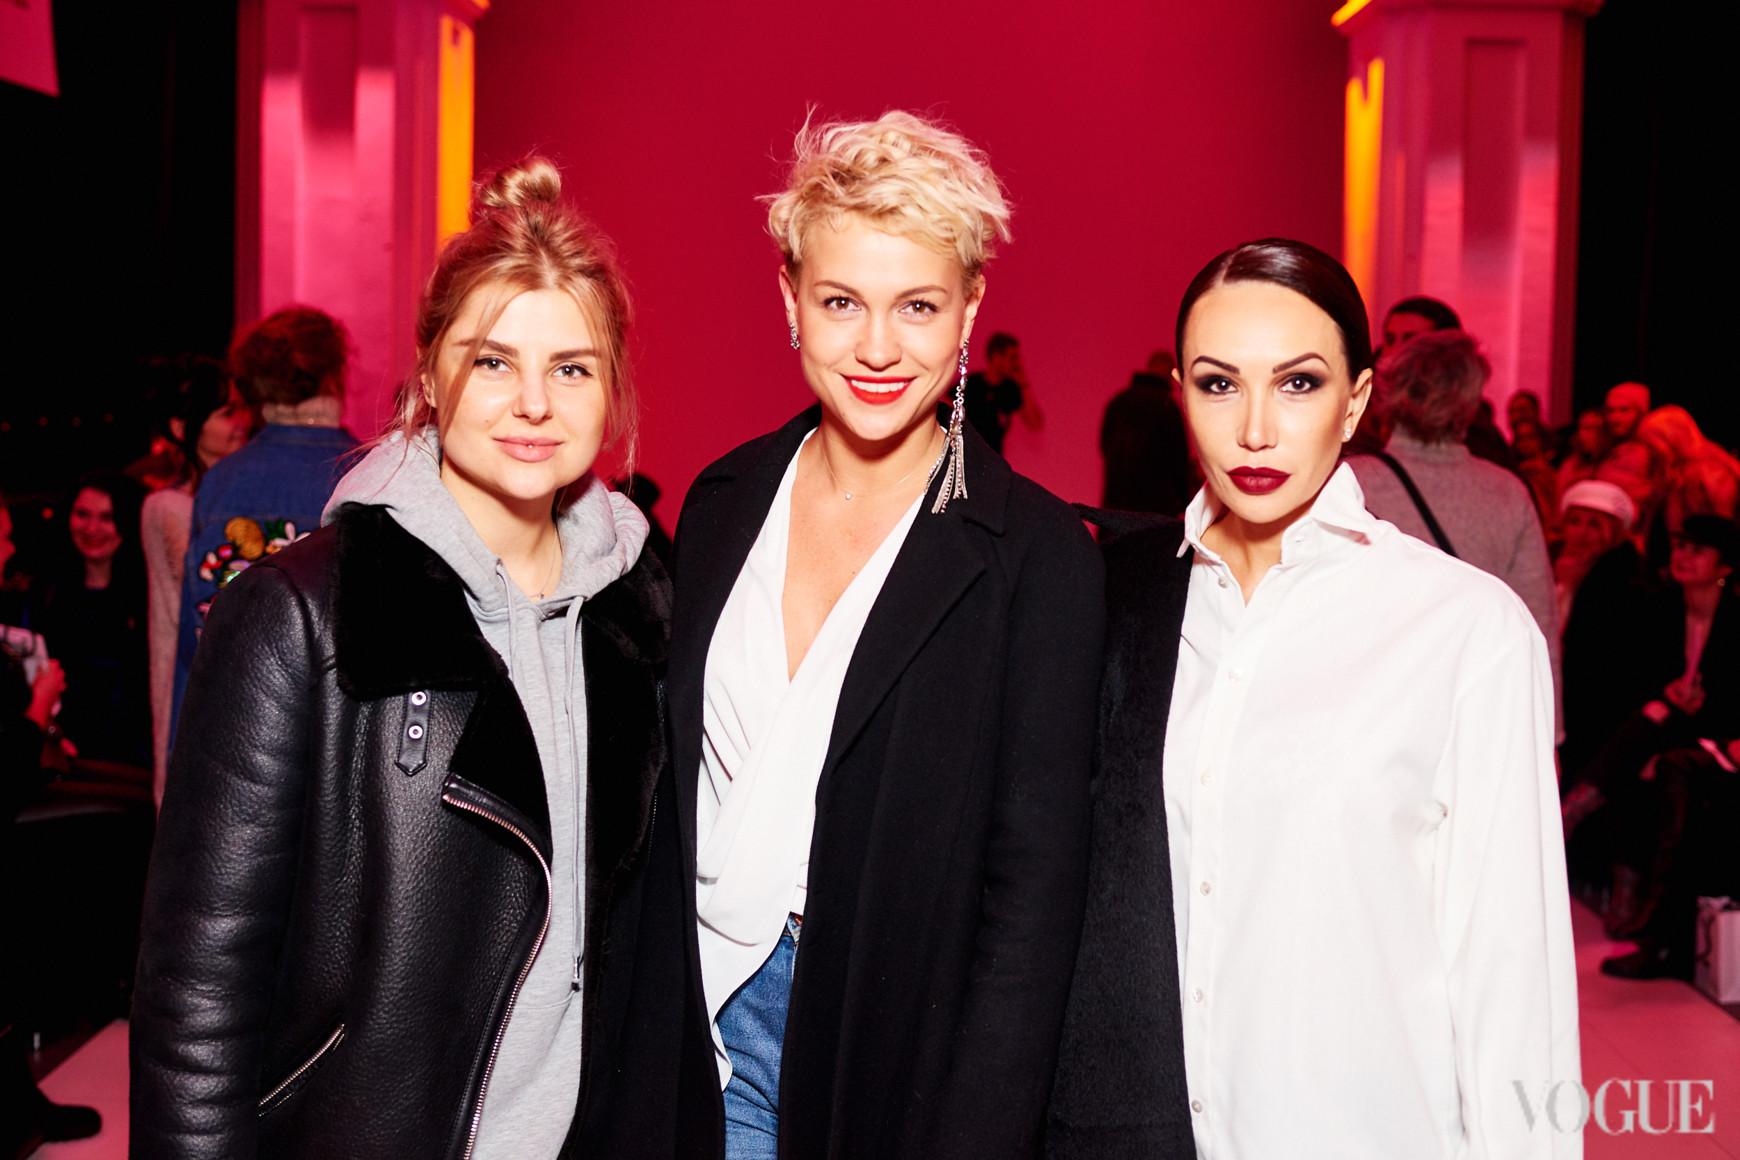 Лина Христофорова, Анна Лукашевич и Наталья Бровди